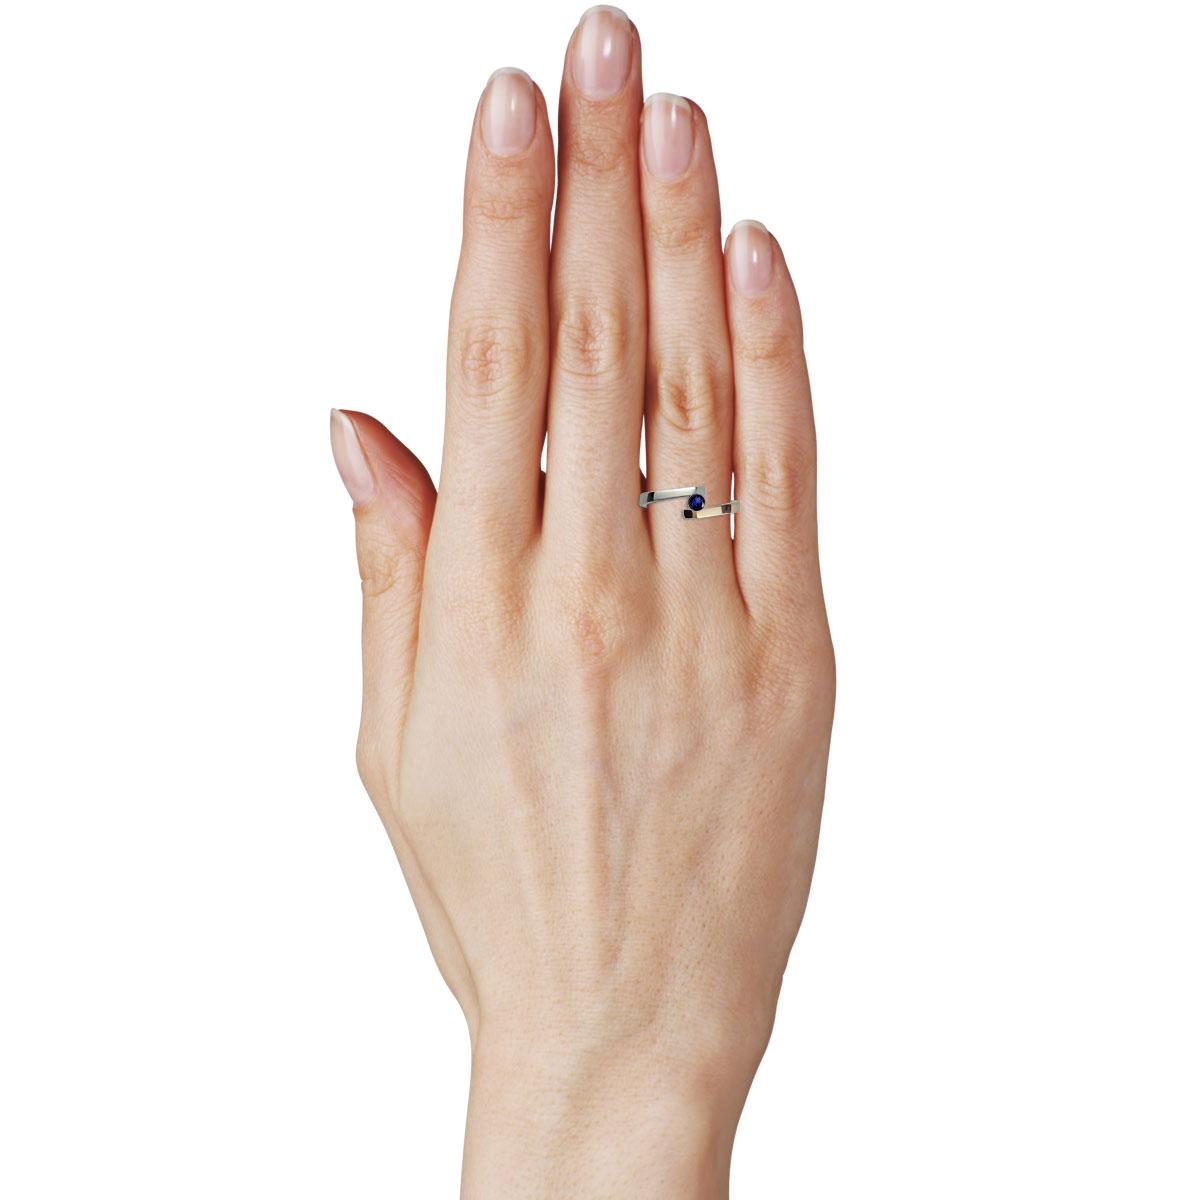 Золотое кольцо для помолвки с сапфиром 3 мм «Аннет»